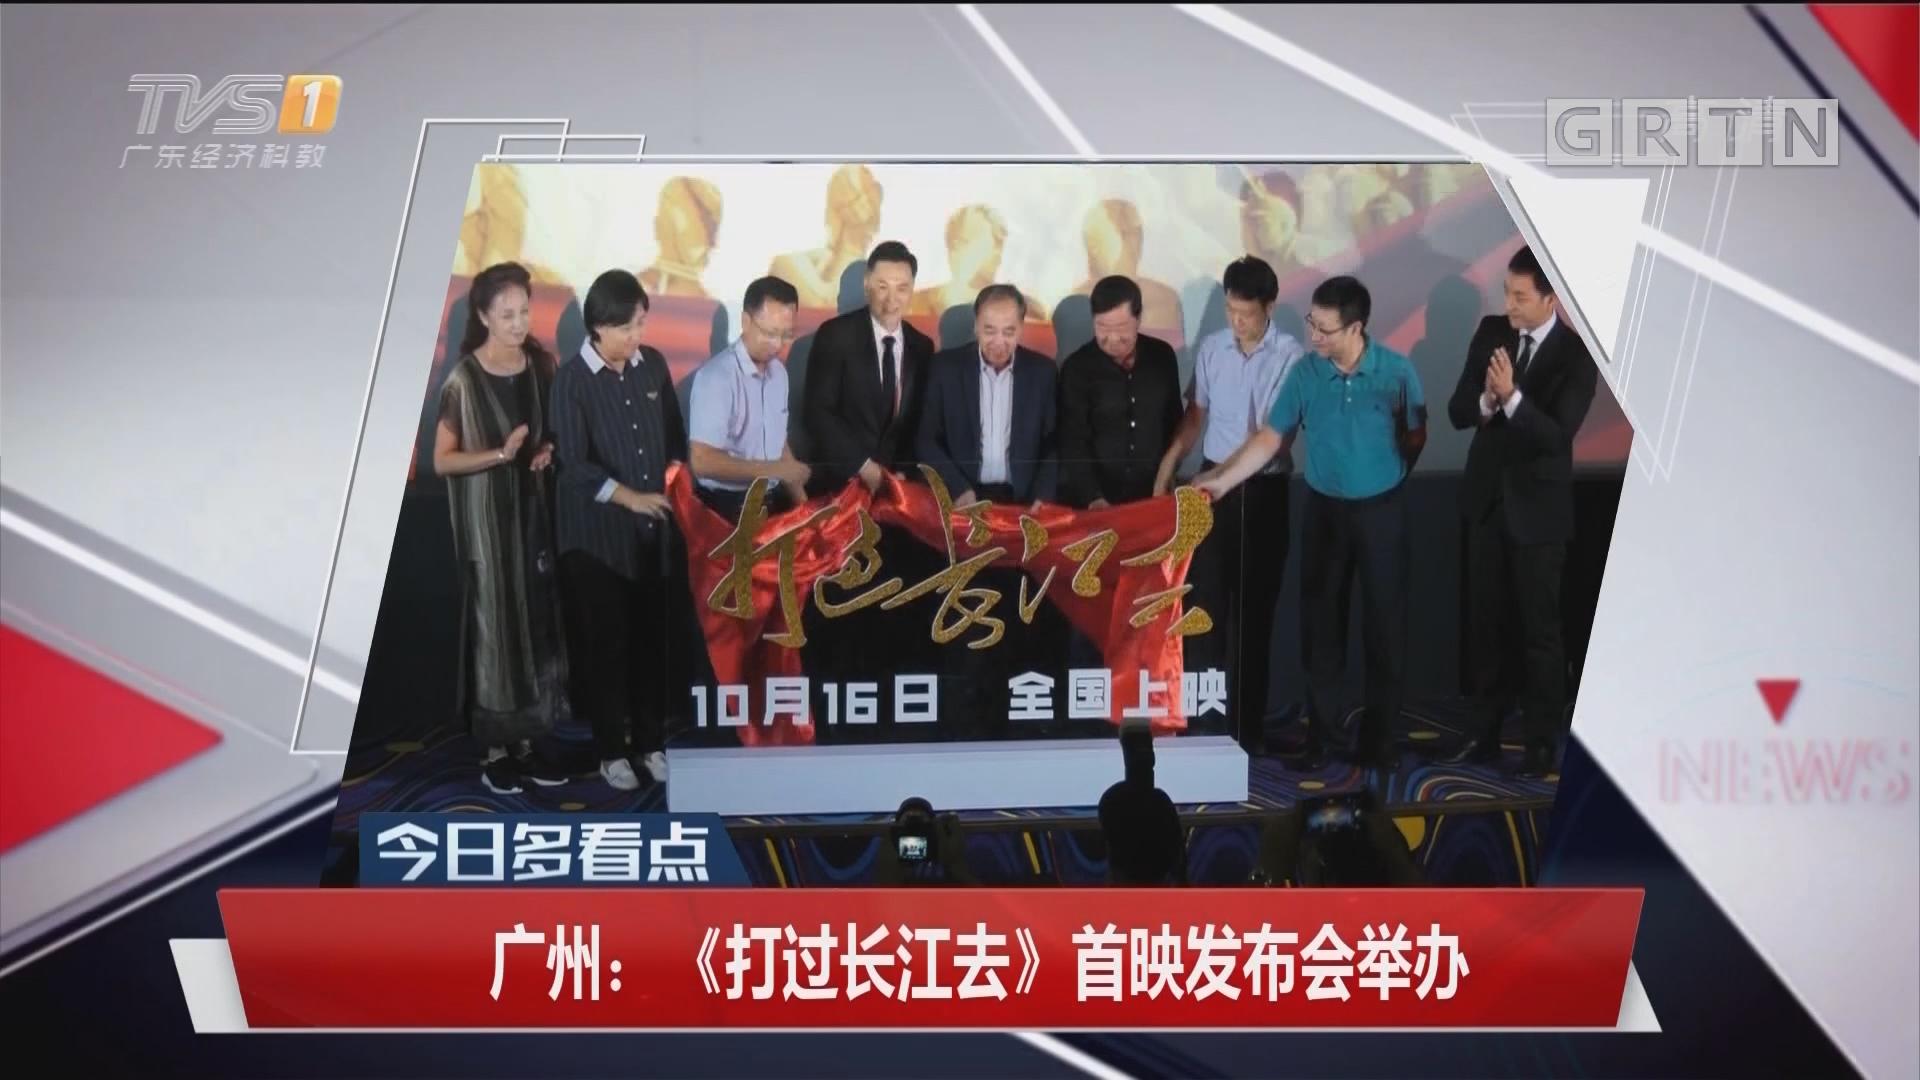 广州:《打过长江去》首映发布会举办